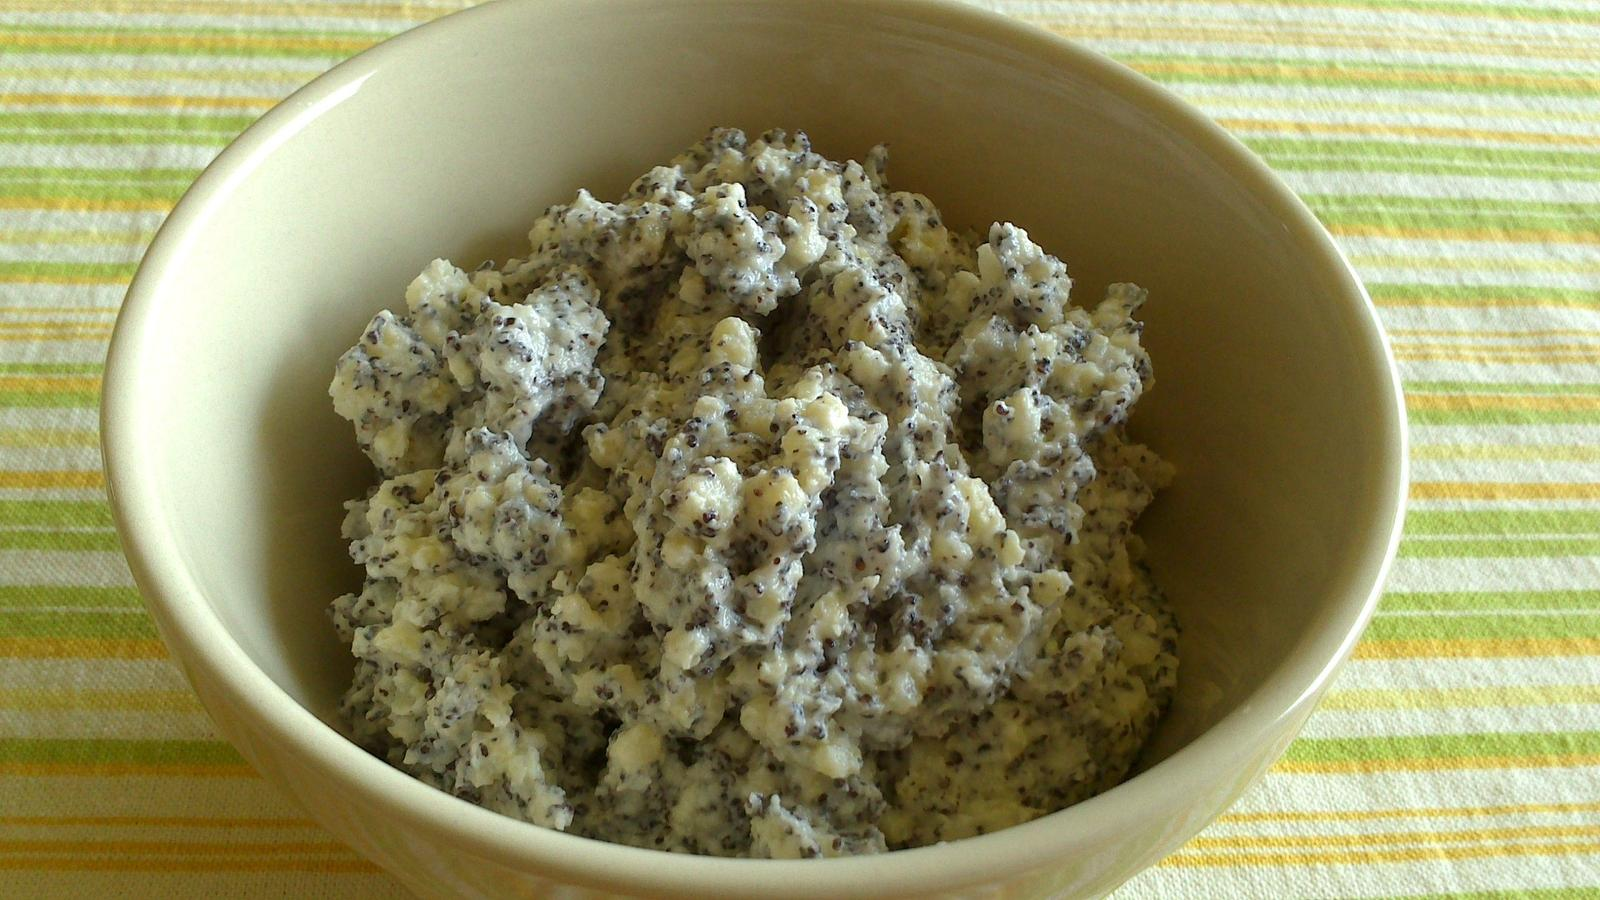 A občas i vařím... - Zbylé jáhly od oběda ⬅, tvaroh, troška cukru, hodně mletého máku, 2 lžíce kvalitního řepkového oleje - skvělá svačina pro mě a manžela :)